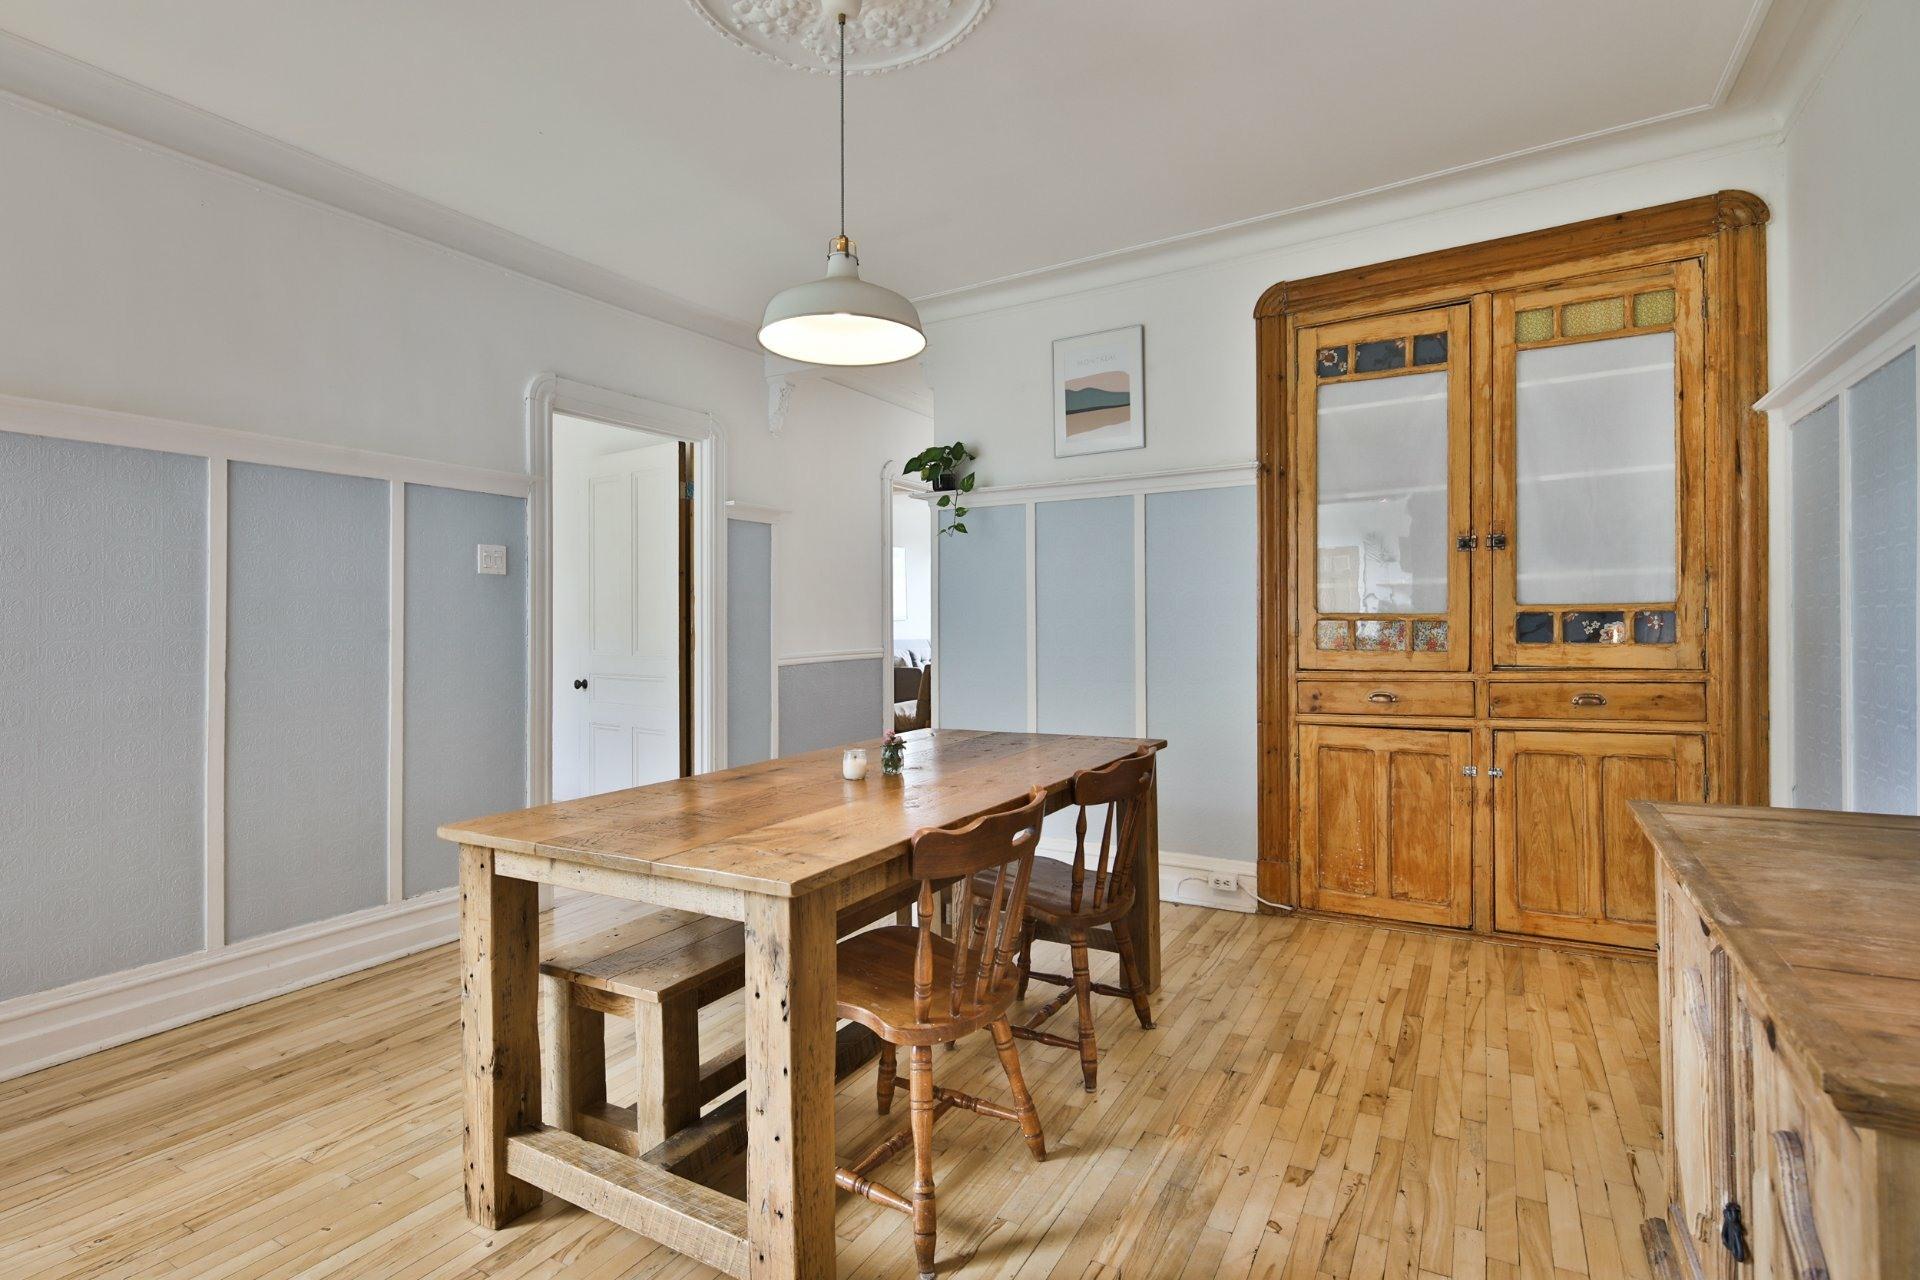 image 9 - Appartement À vendre Rosemont/La Petite-Patrie Montréal  - 6 pièces